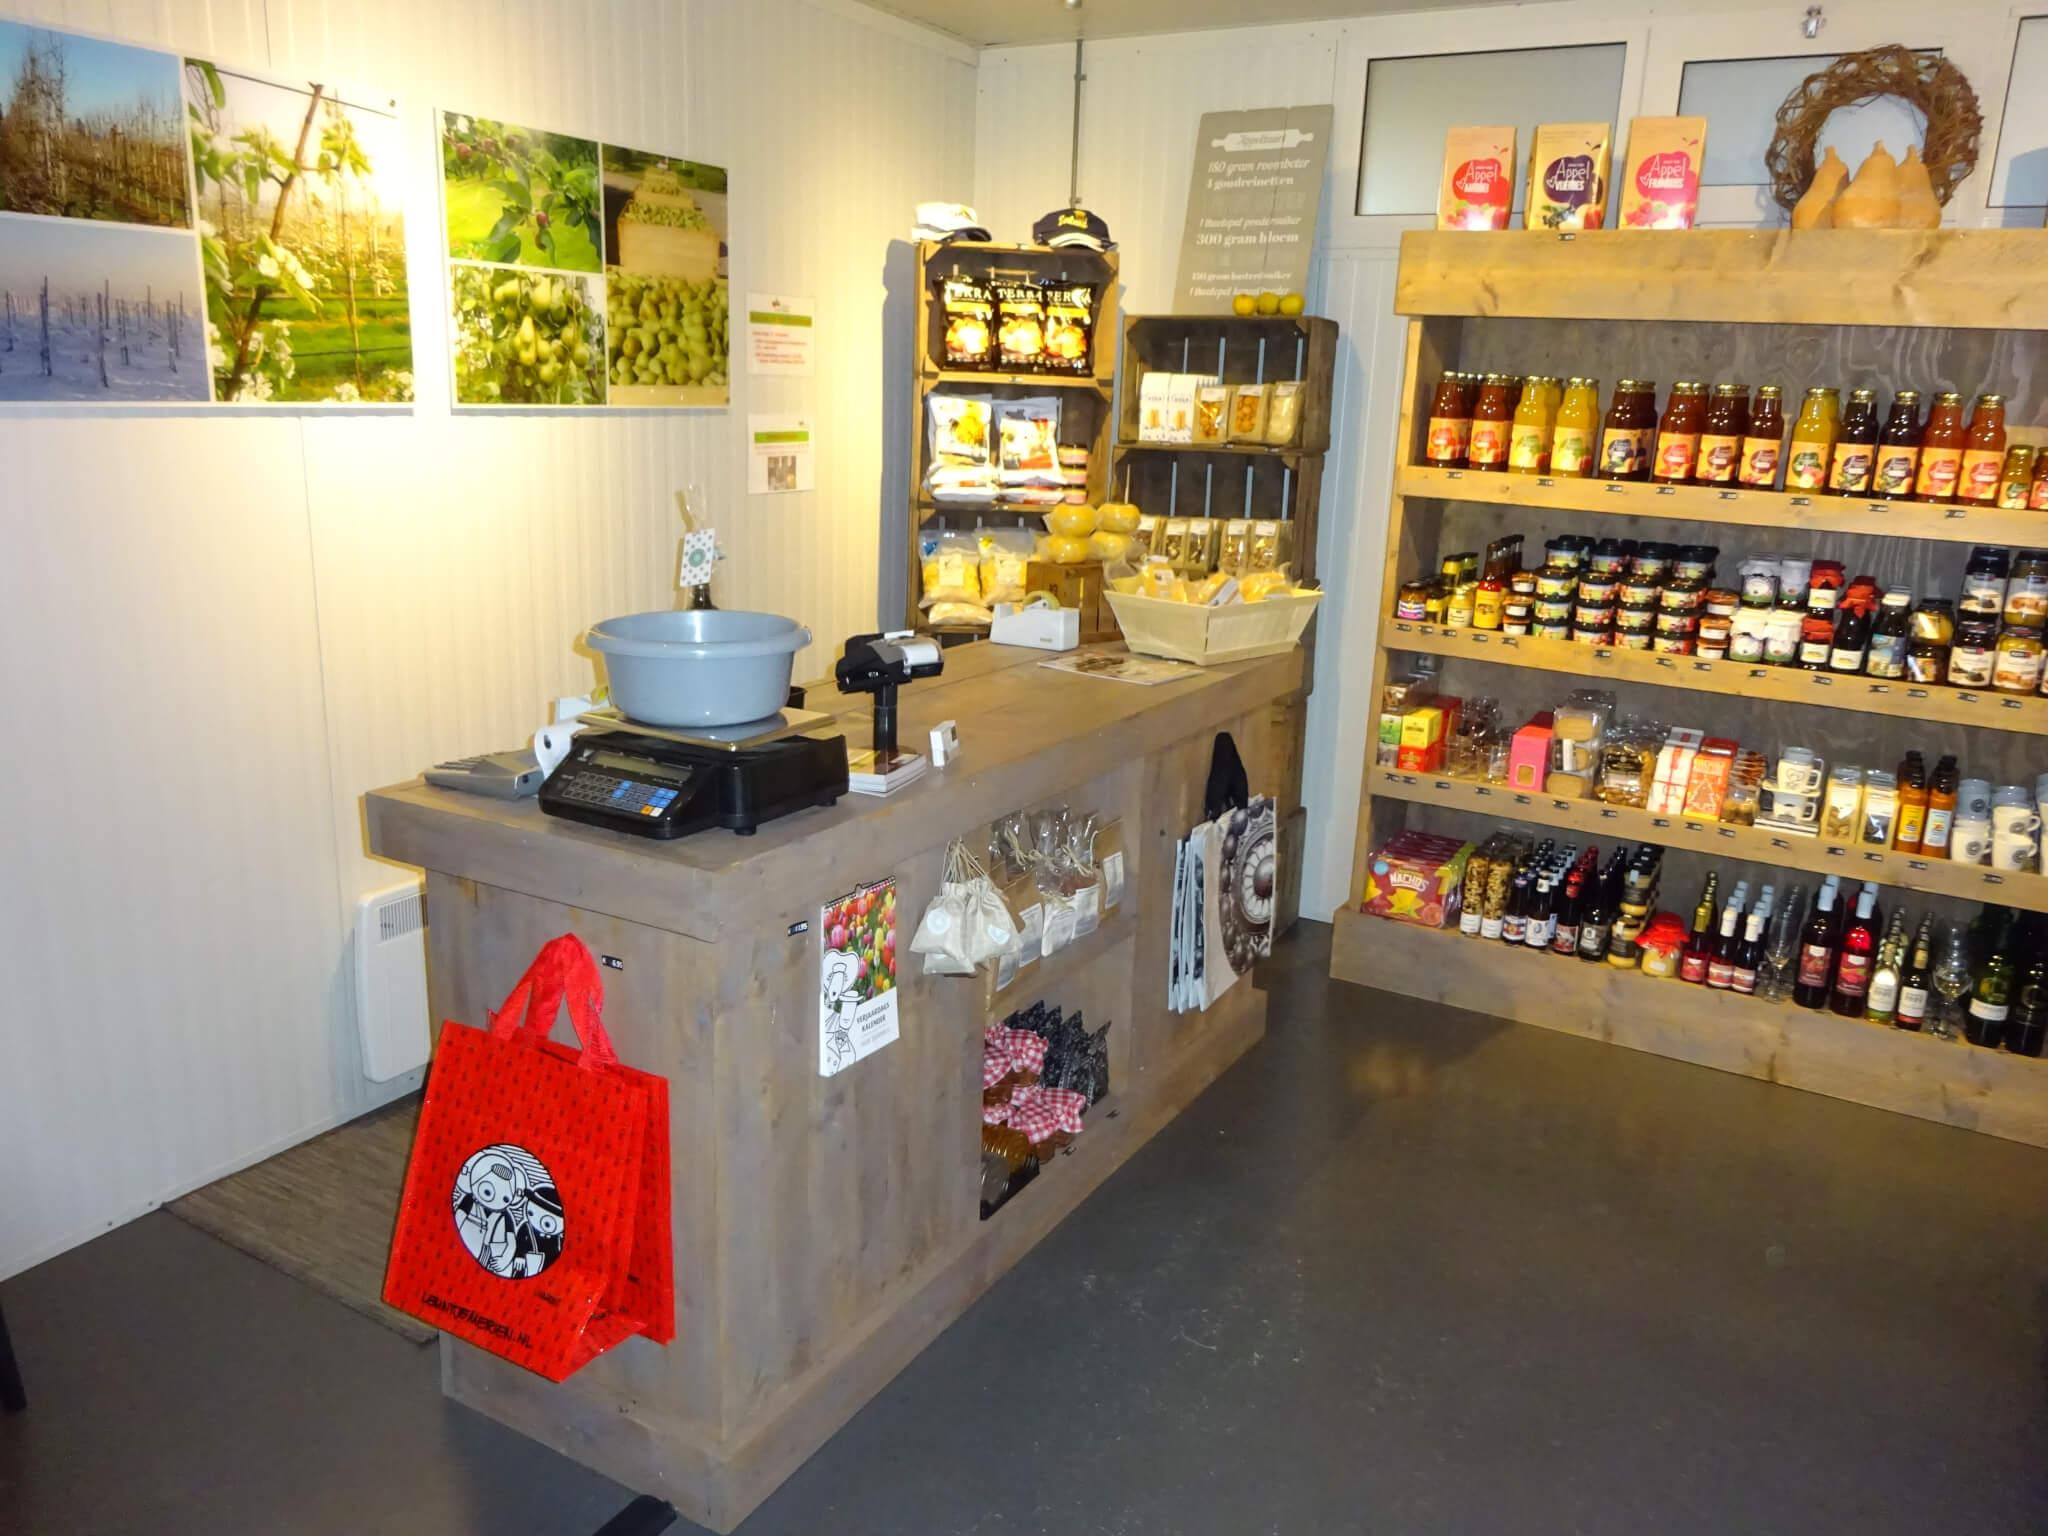 Fruitbedrijf Van den Berge 27102018 04